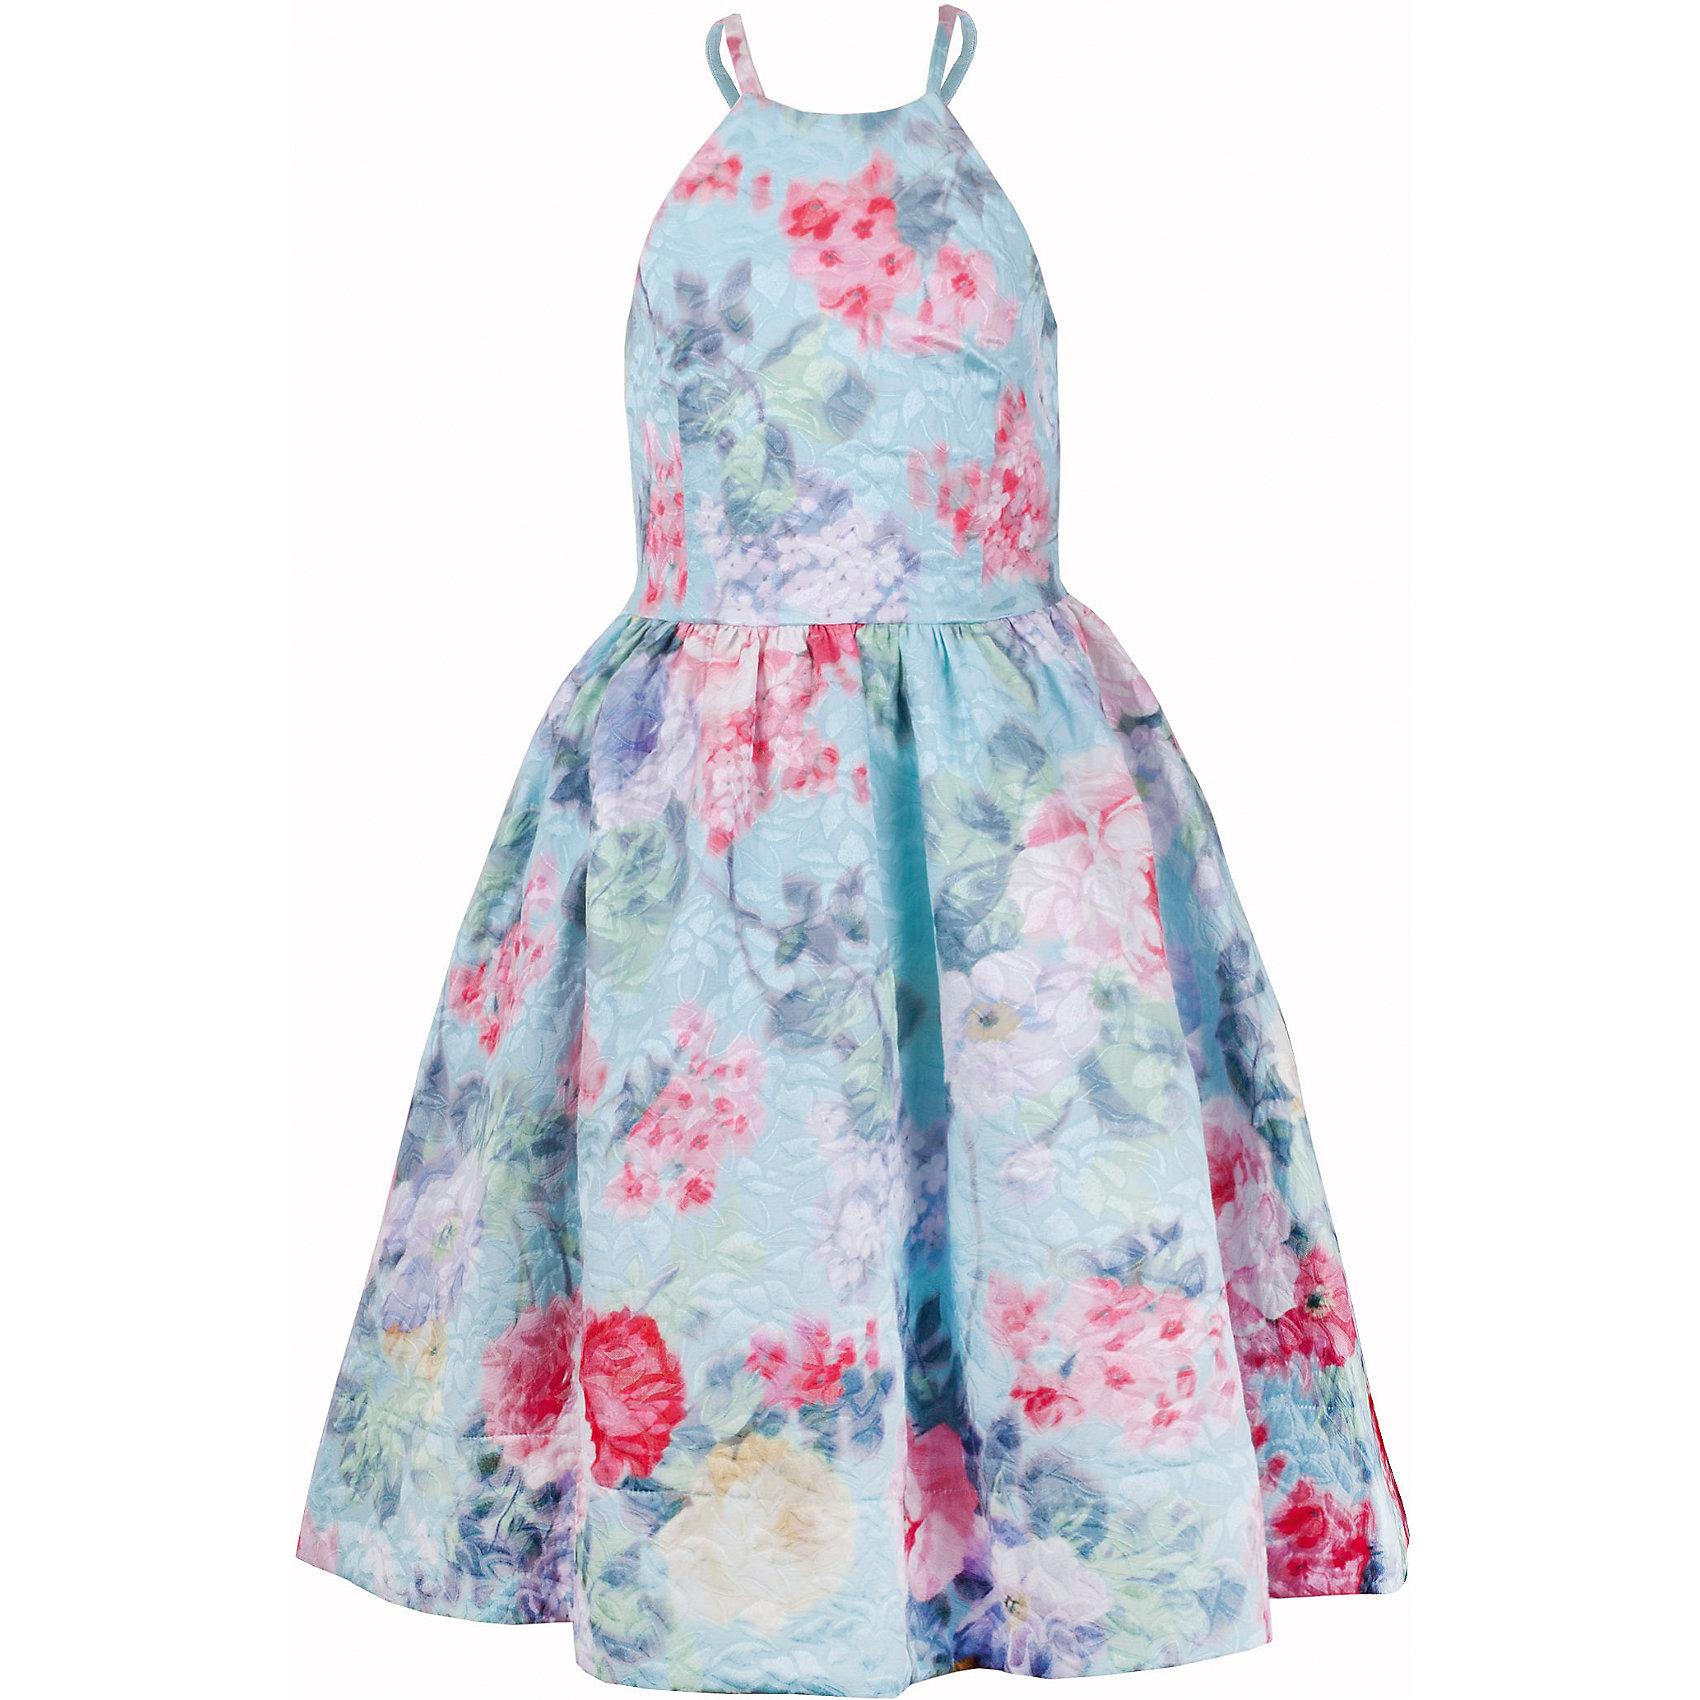 Платье для девочки GulliverОдежда<br>Роскошное жаккардовое платье из плотного орнаментального текстиля - образец благородства и изящества. Приталенный лиф на тонких лямках и широкая пышная юбка создают головокружительный эффект модели для настоящей принцессы. В гардеробе ребенка не должно быть много нарядных платьев. Всего одно, но самого высокого качества, с нежным цветочным рисунком в розово-ментоловой гамме подарит девочке красоту, грациозность, элегантность, уверенность в себе и восторг окружающих. Если вы хотите дополнить летний гардероб ребенка чем-то необыкновенным, вам стоит купить платье для торжественных случаев из коллекции Акварель.  Это лучший выбор для модной современной принцессы с хорошим вкусом и благородными манерами.<br>Состав:<br>верх:                  63% хлопок          37% полиэстер; подкладка:           100% хлопок<br><br>Ширина мм: 236<br>Глубина мм: 16<br>Высота мм: 184<br>Вес г: 177<br>Цвет: голубой<br>Возраст от месяцев: 108<br>Возраст до месяцев: 120<br>Пол: Женский<br>Возраст: Детский<br>Размер: 140,122,128,134<br>SKU: 5483374